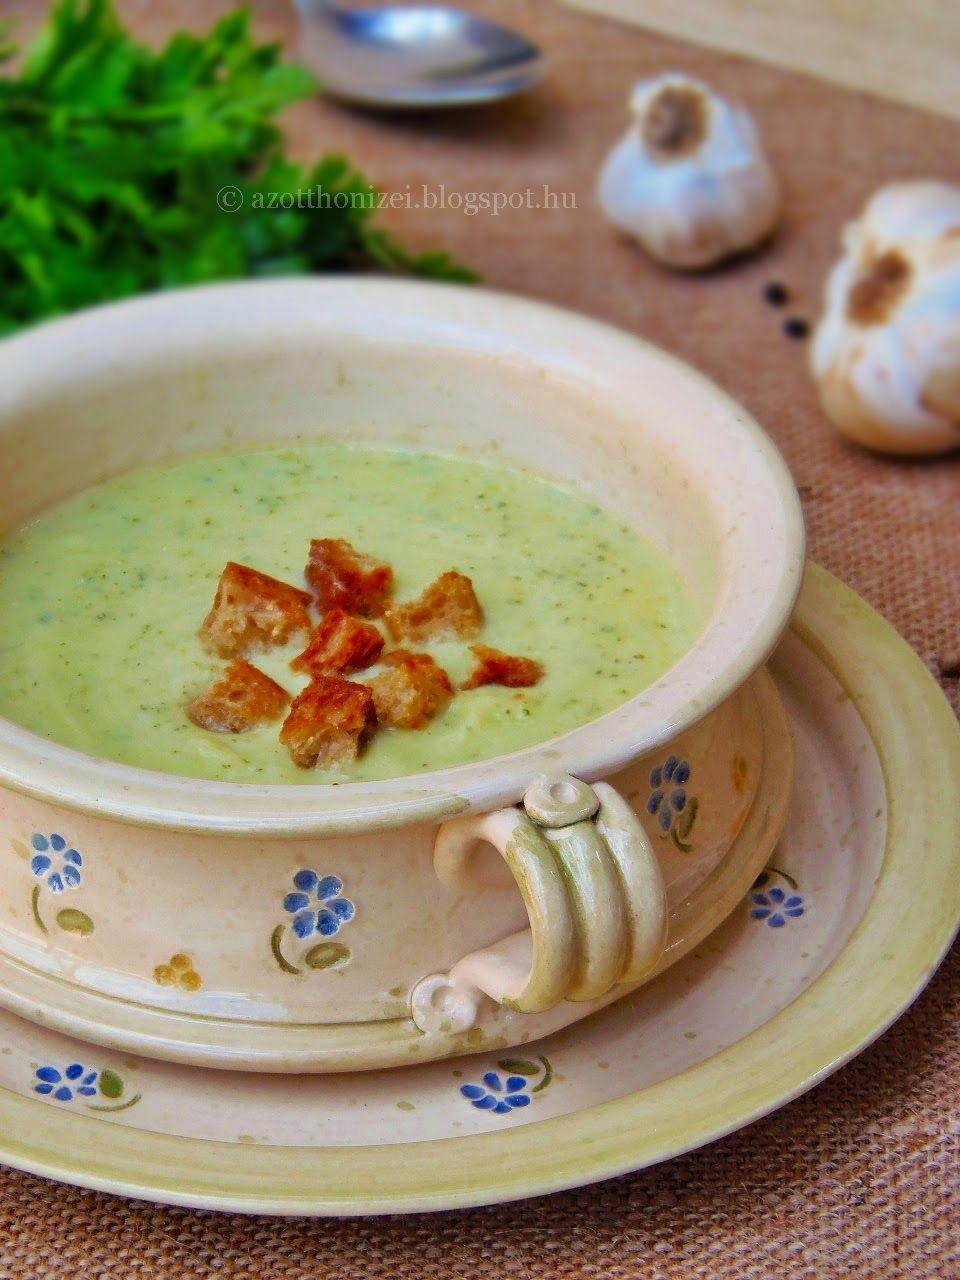 Az otthon ízei: Joghurtos cukkinikrémleves fokhagymás krutonnal